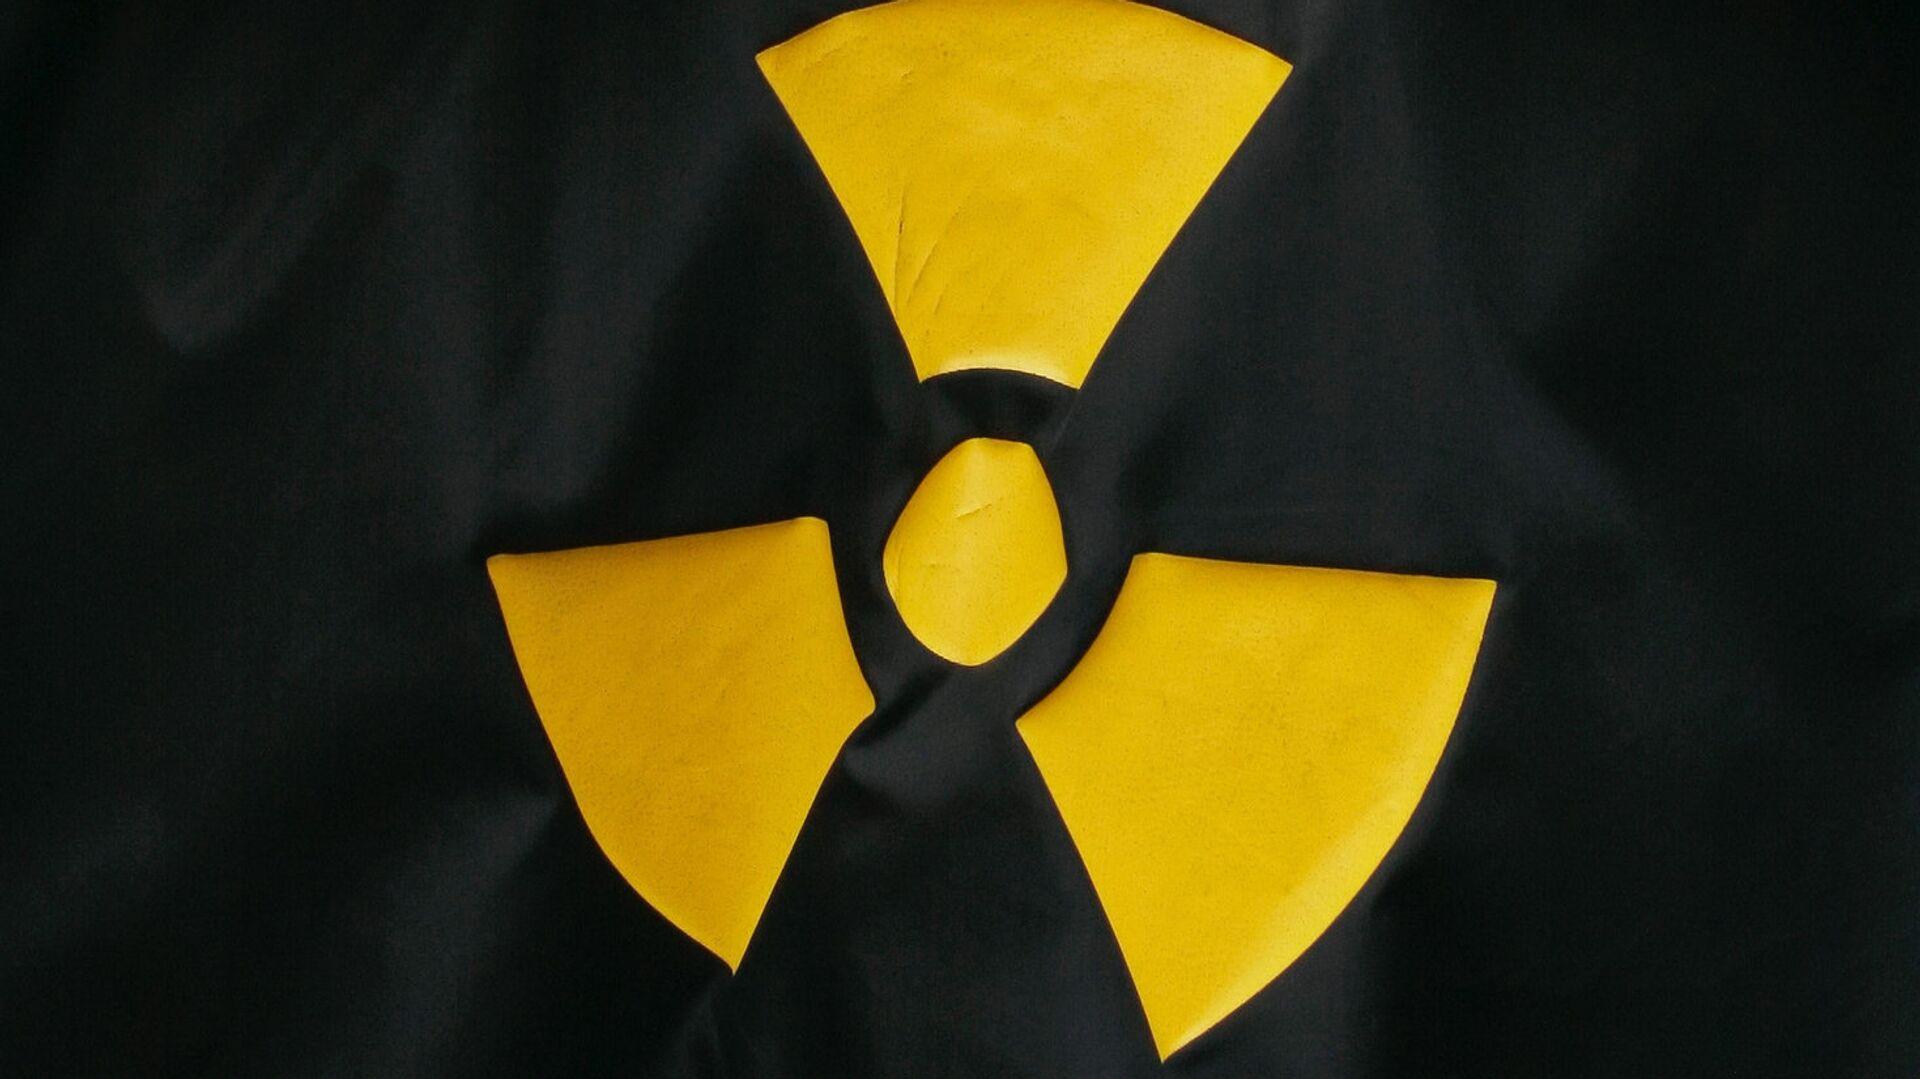 Traje de protección contra la radiación - Sputnik Mundo, 1920, 13.04.2021